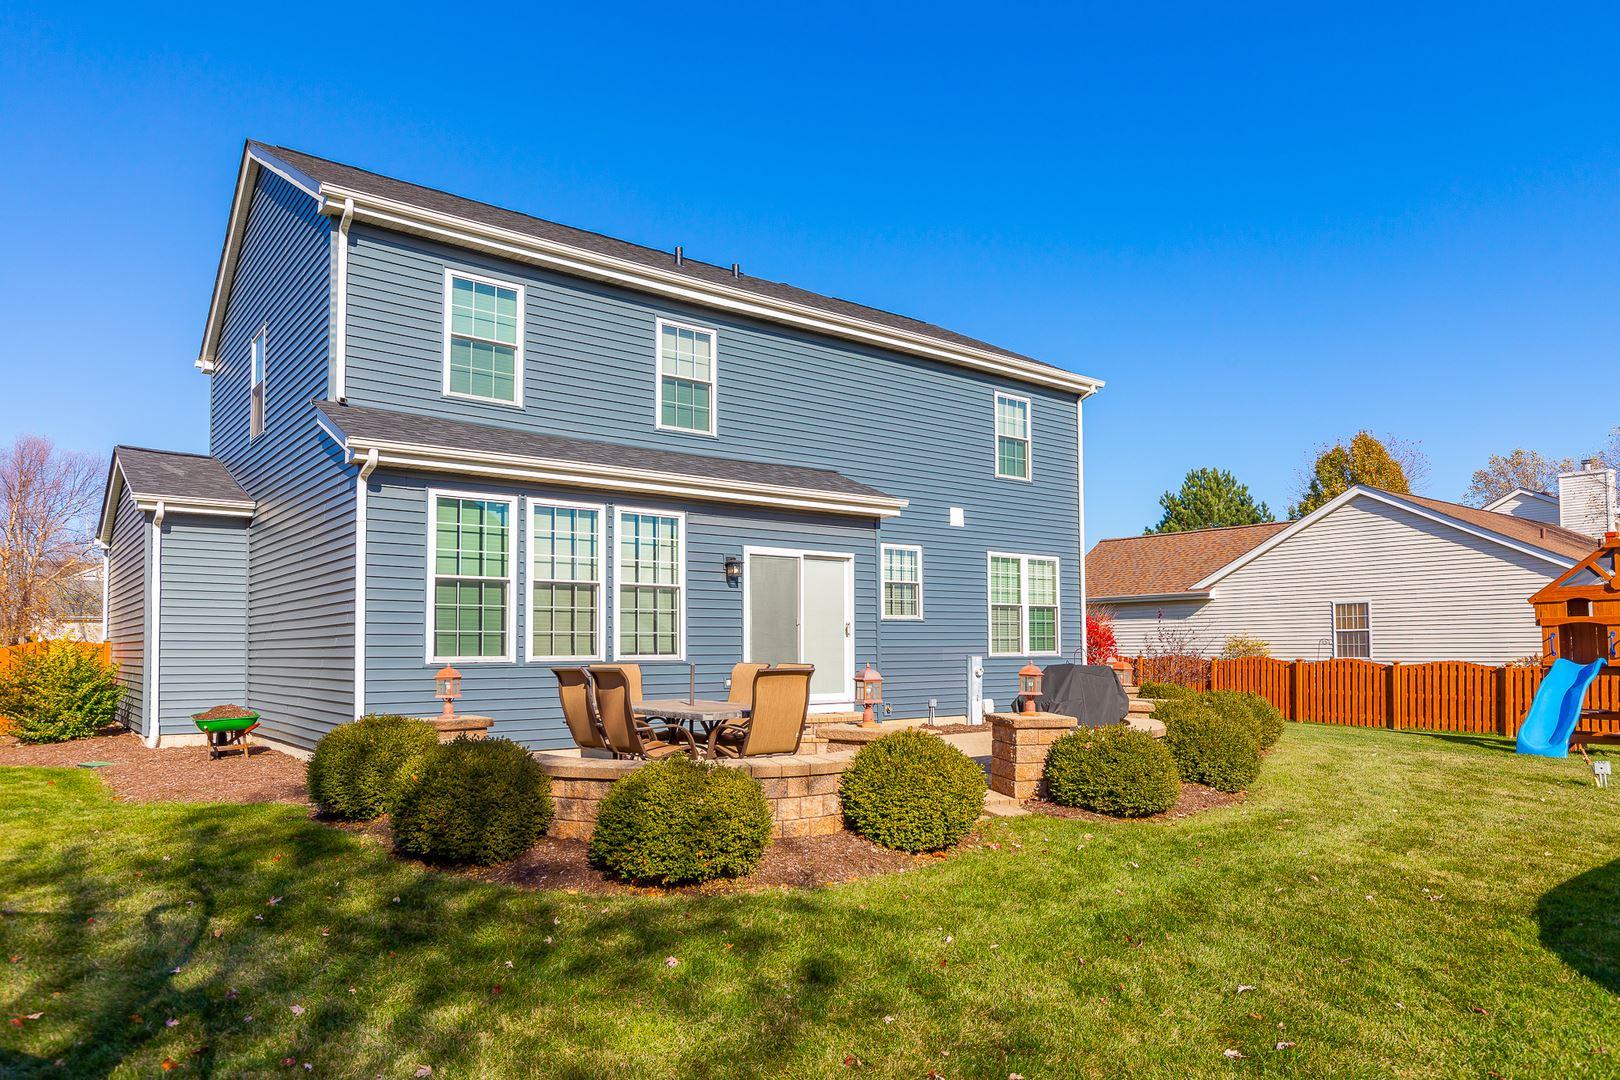 Photo of 1553 Schafer Avenue, Bolingbrook, IL 60490 (MLS # 11041771)